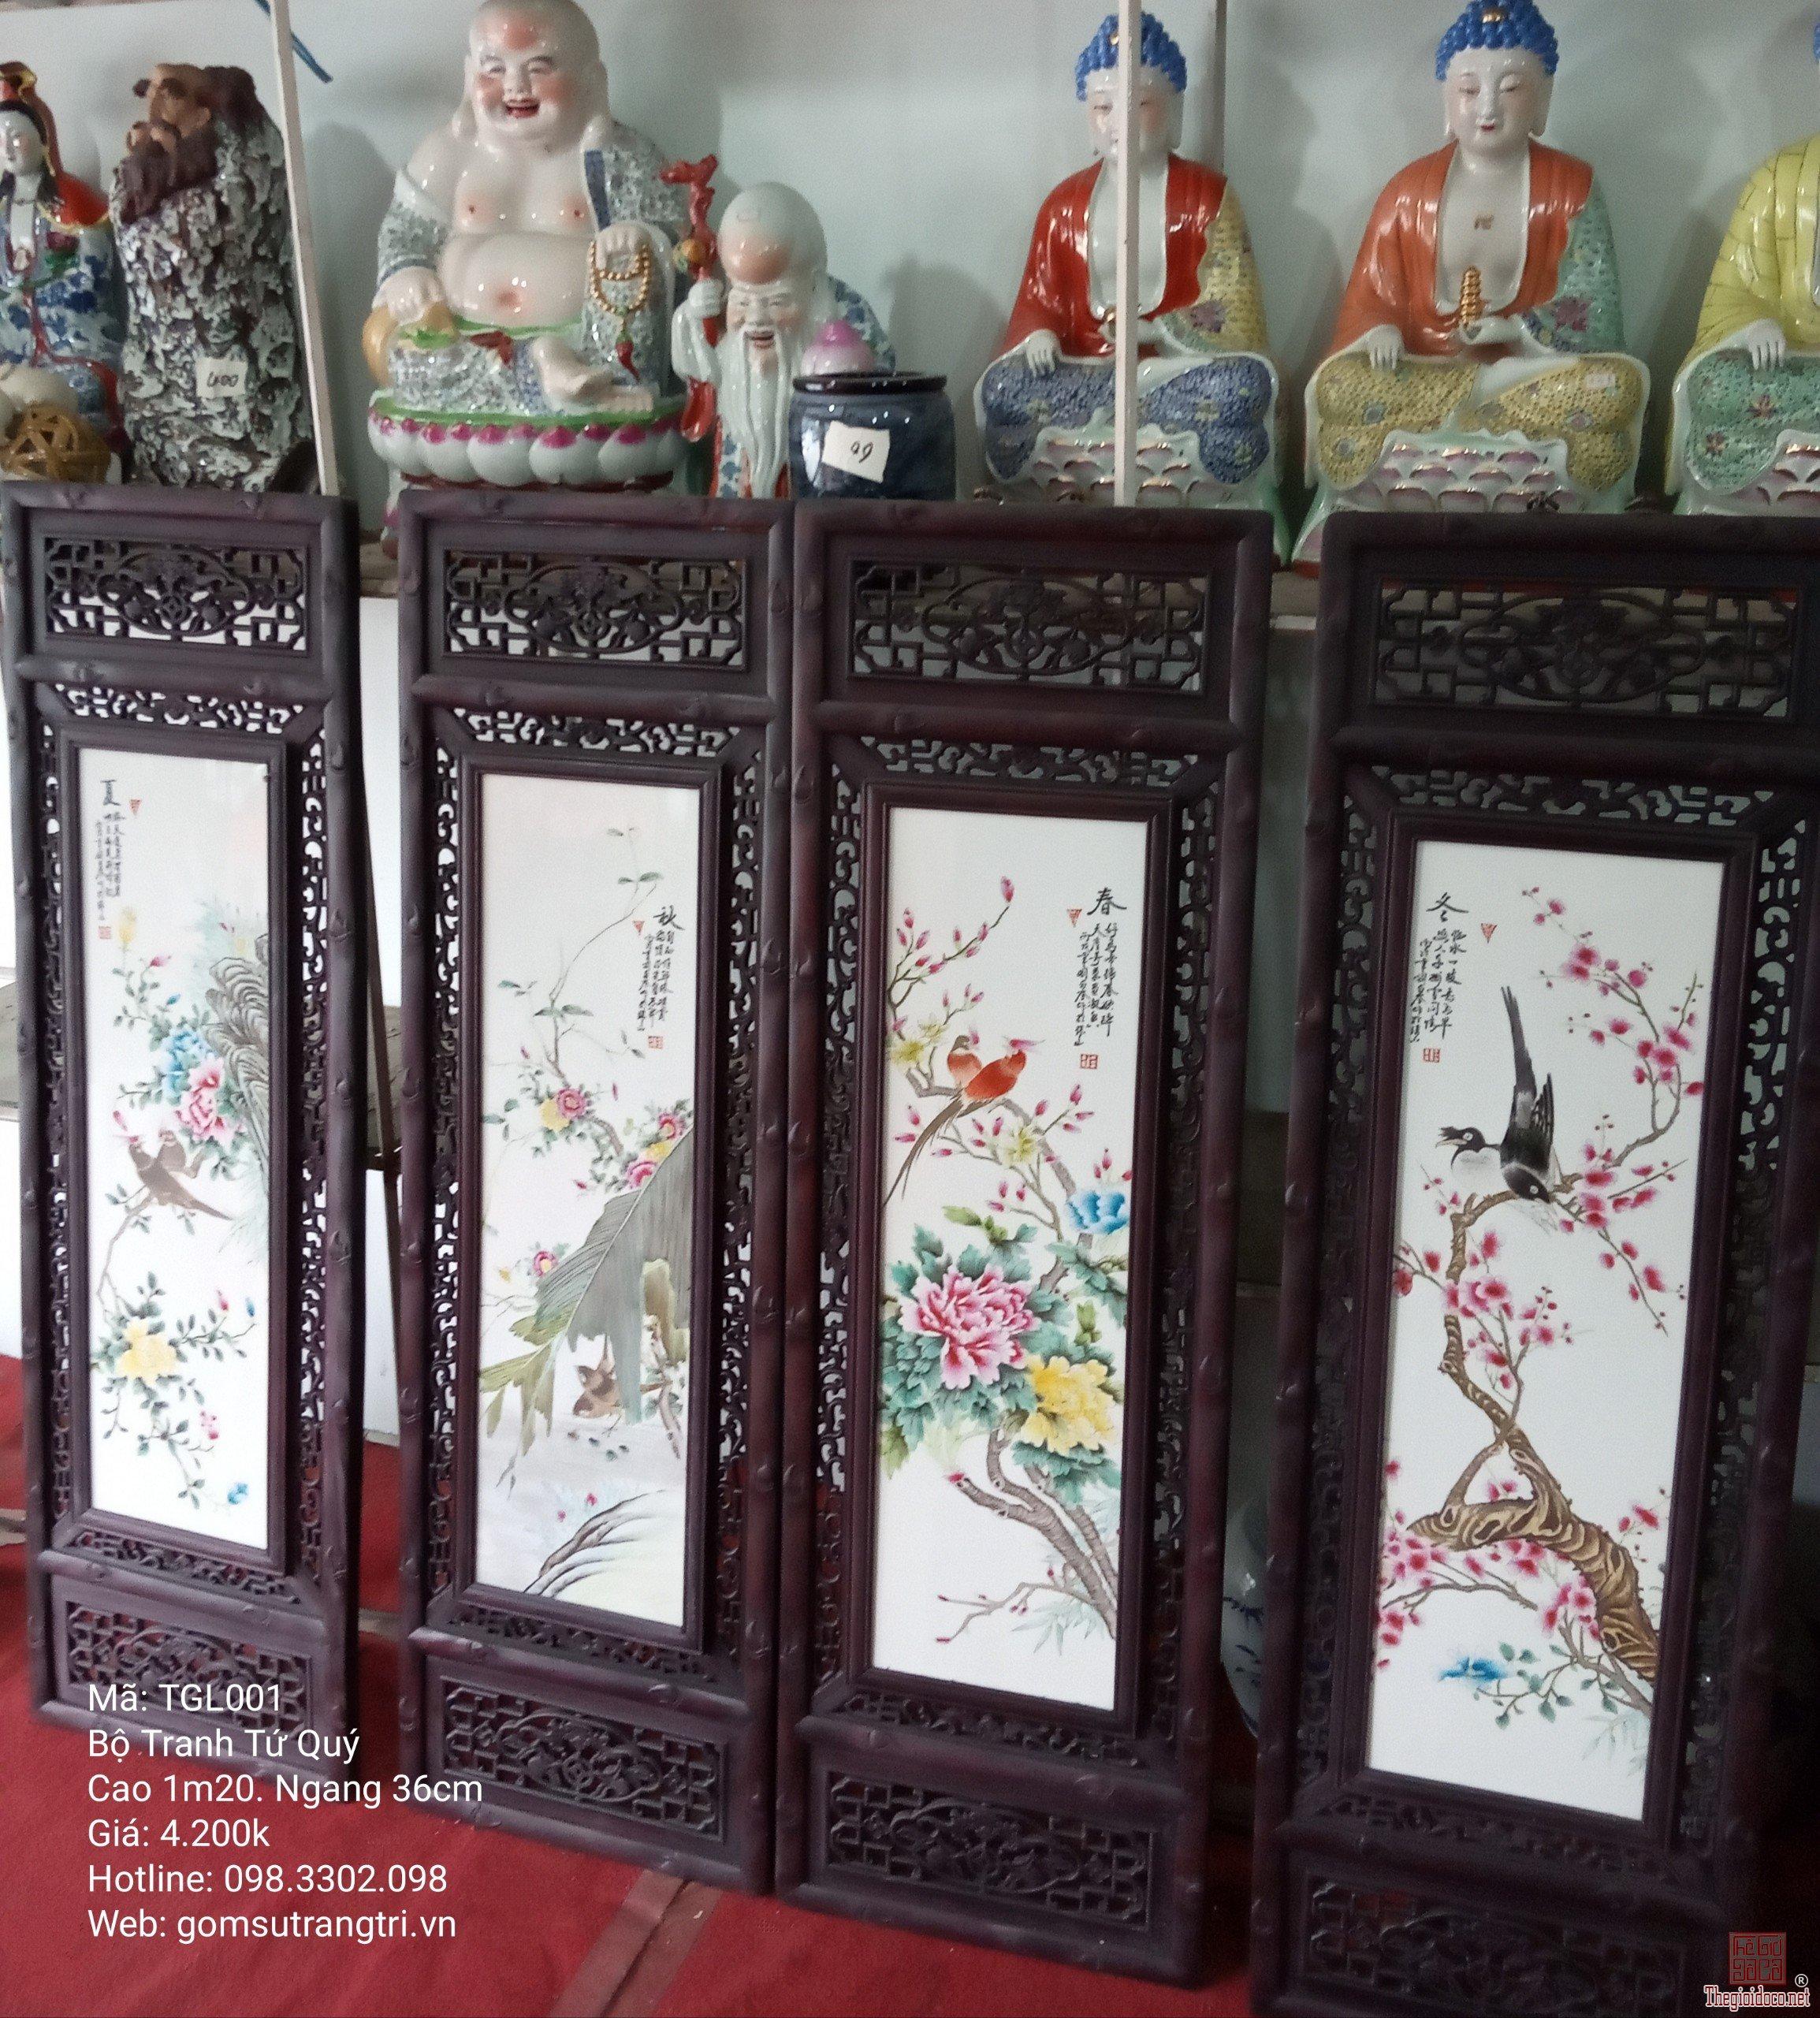 Một số mẫu tranh Sứ tại gomsutrangtri.vn